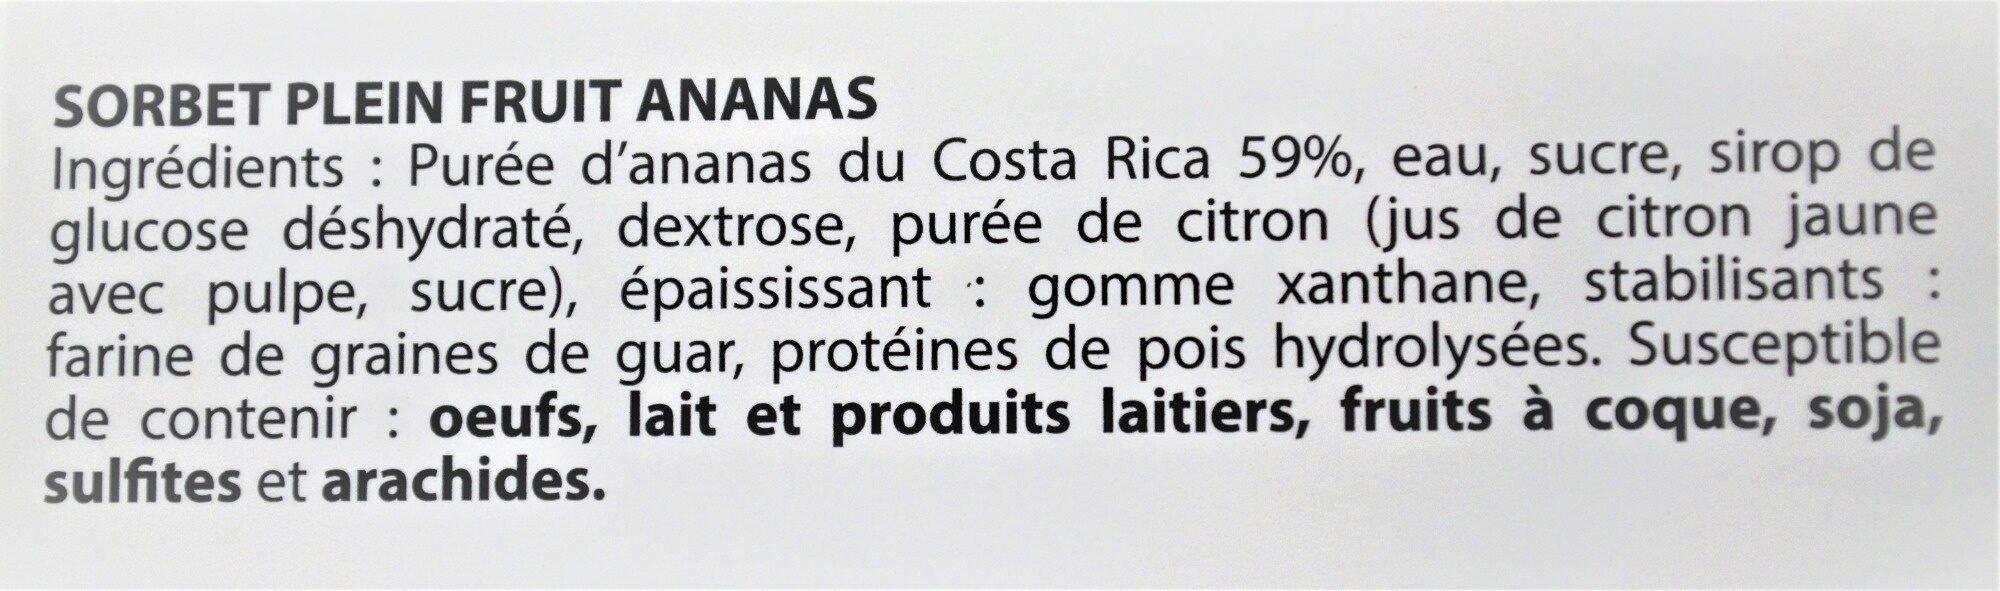 Sorbet plein fruit ANANAS, 59% de fruit - Ingredients